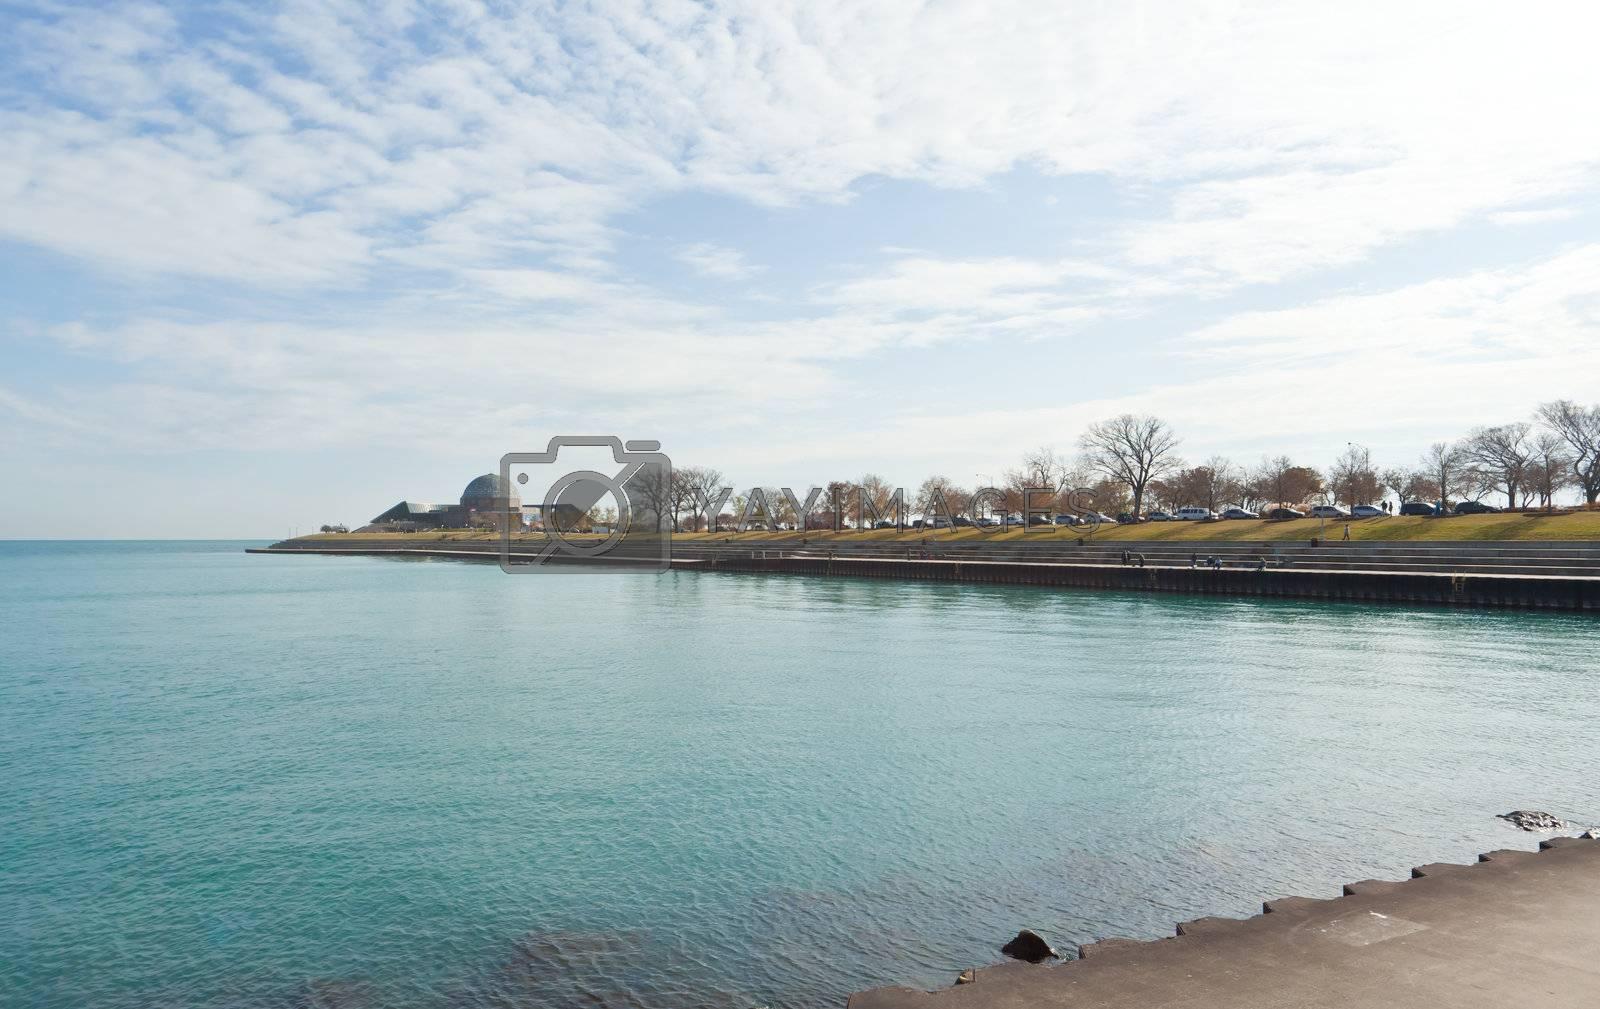 The Michigan lake shore in Chicago USA